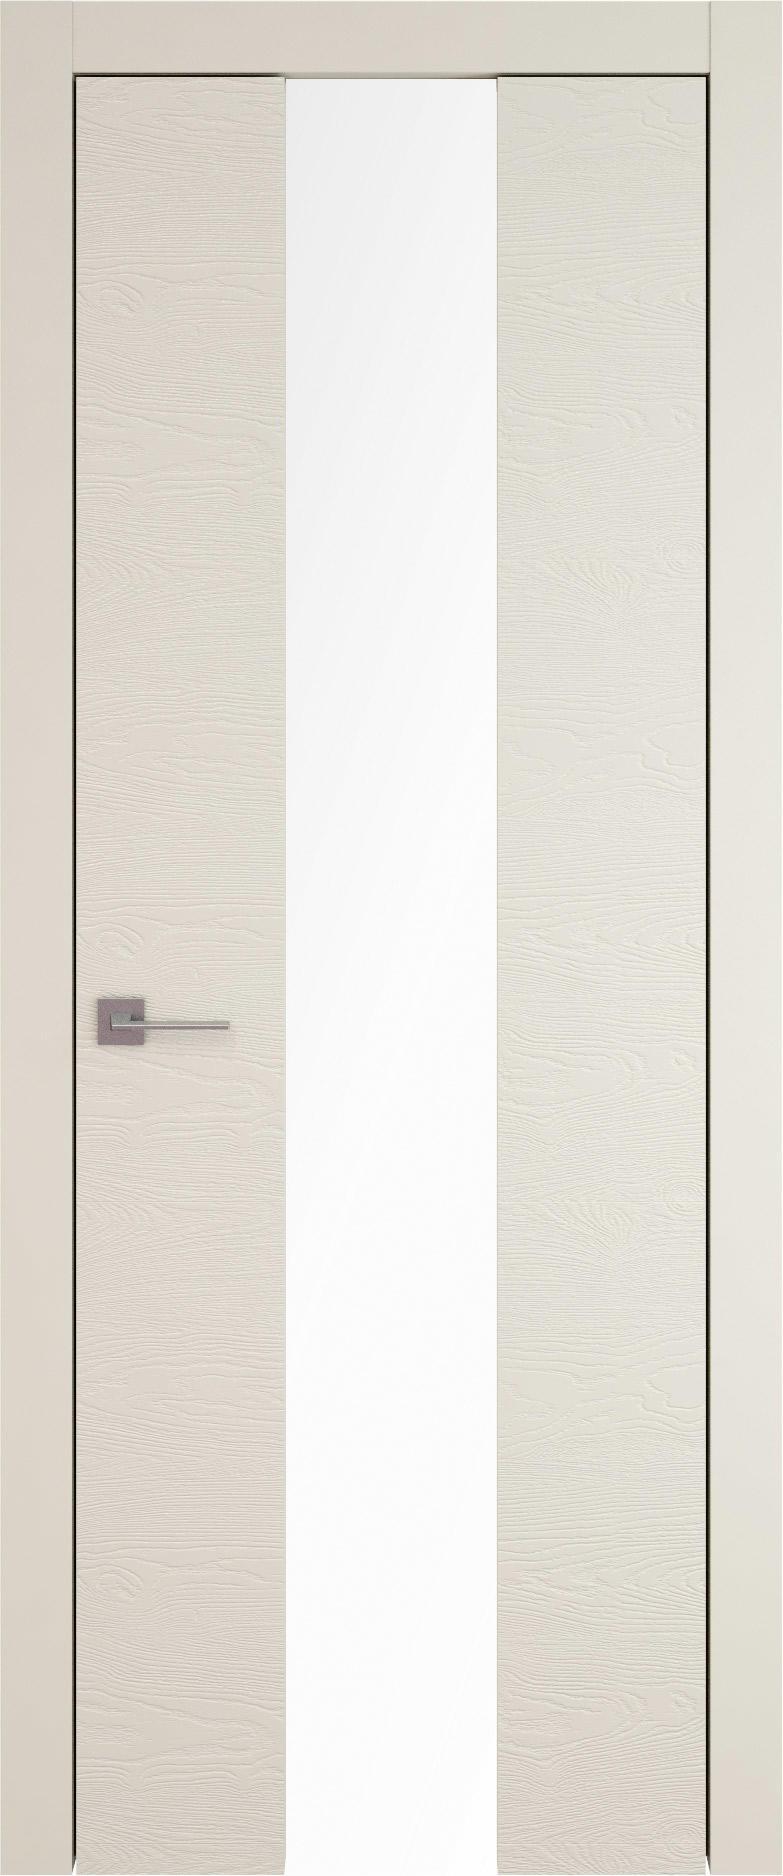 Tivoli Ж-5 цвет - Жемчужная эмаль по шпону (RAL 1013) Со стеклом (ДО)